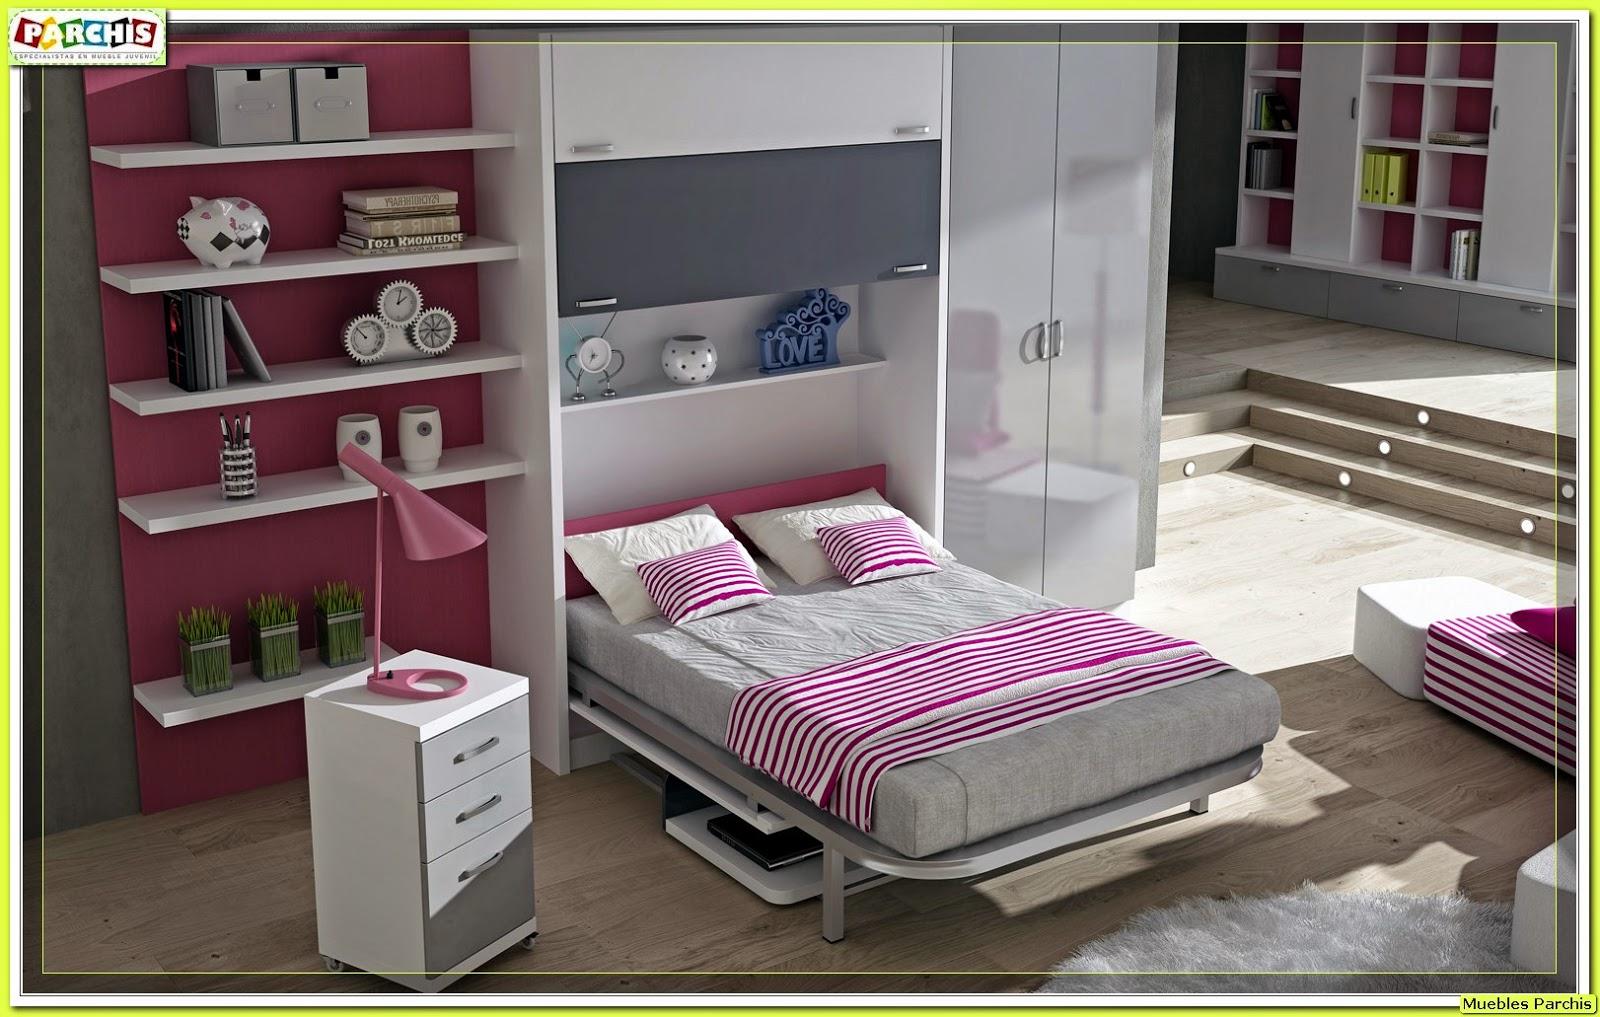 Dormitorios juveniles en madrid with dormitorios - Camas abatibles madrid ...